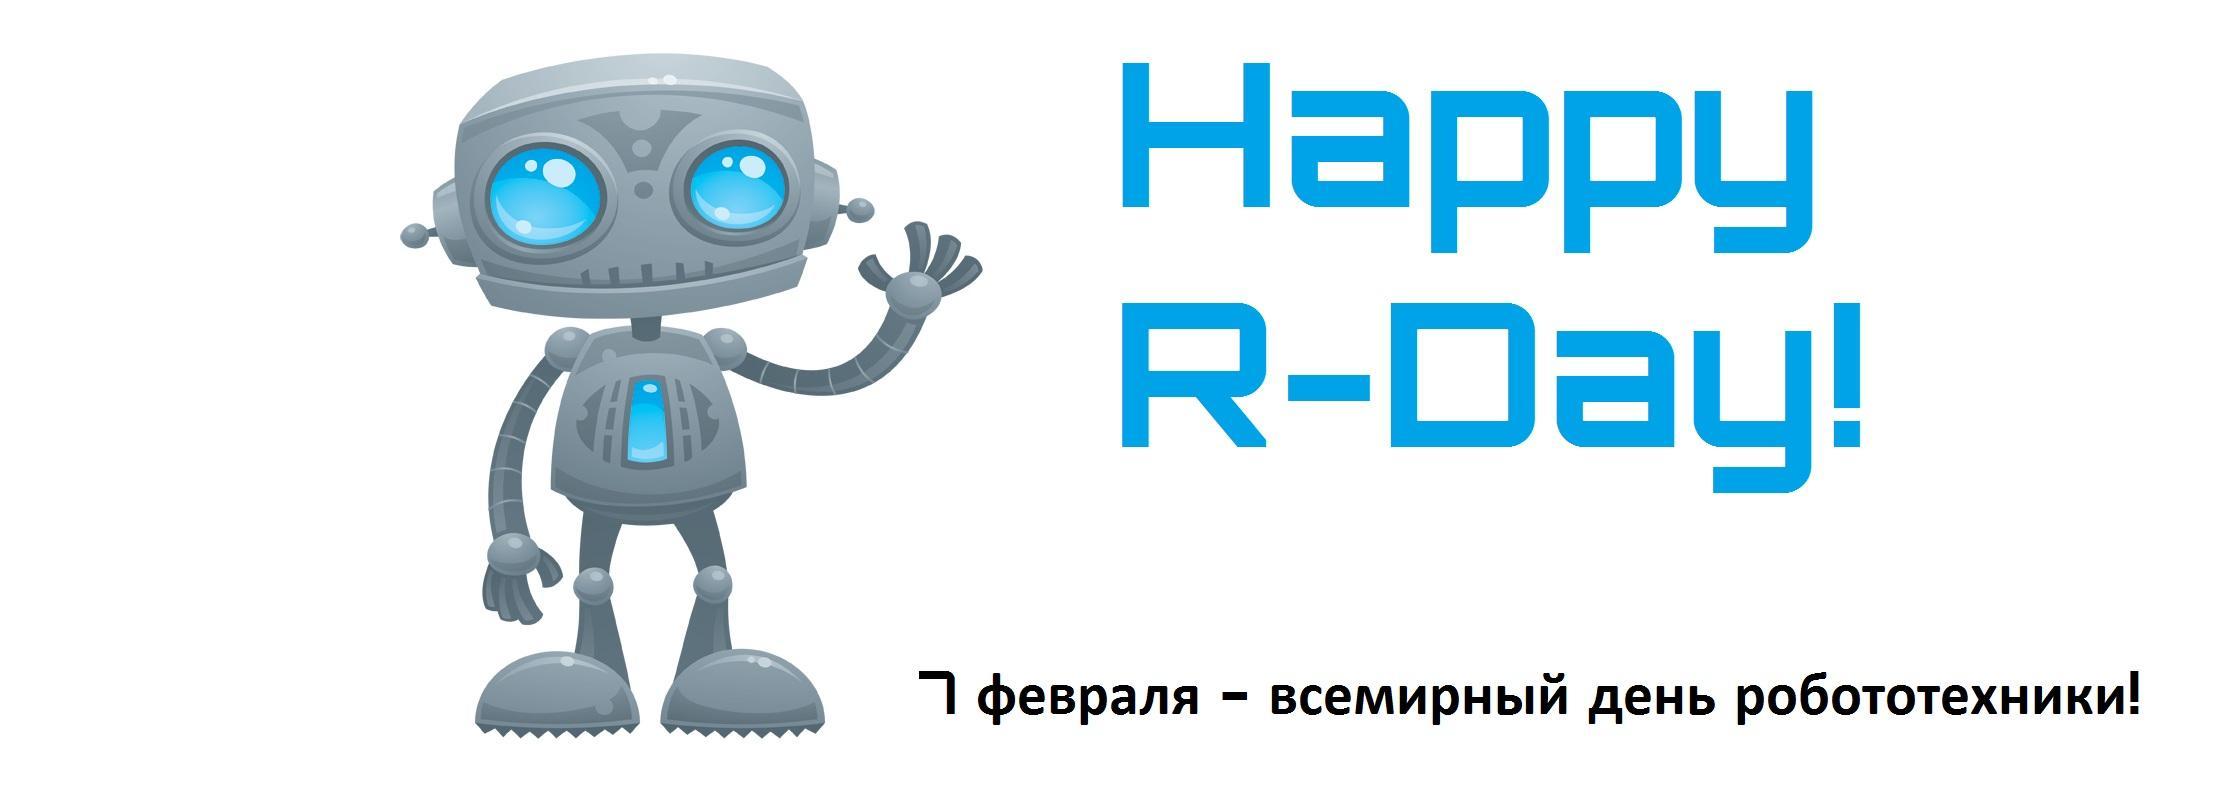 Roboter.ru - все роботы в одном месте